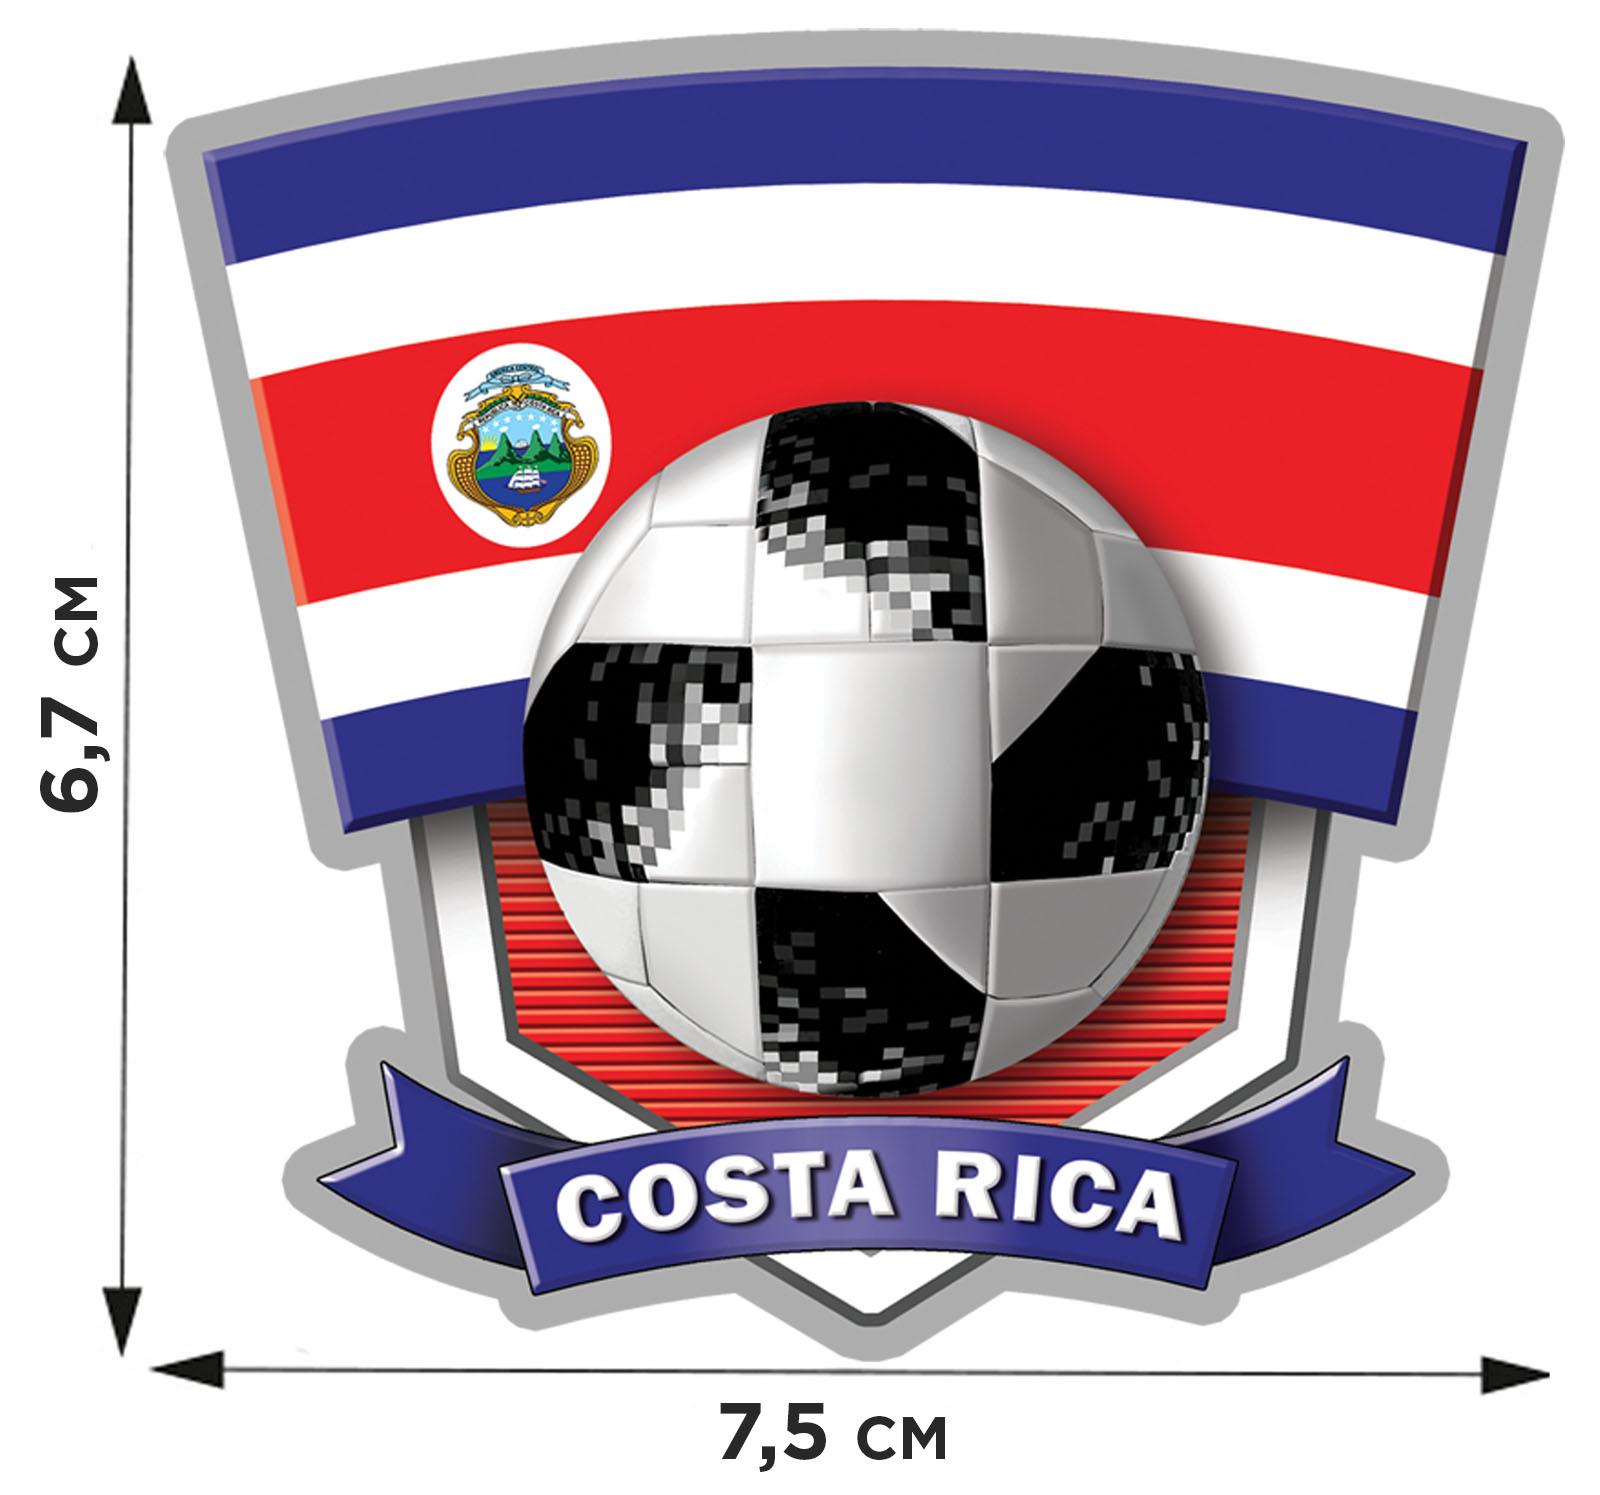 Купить переводную картинку COSTA RICA по лучшей цене